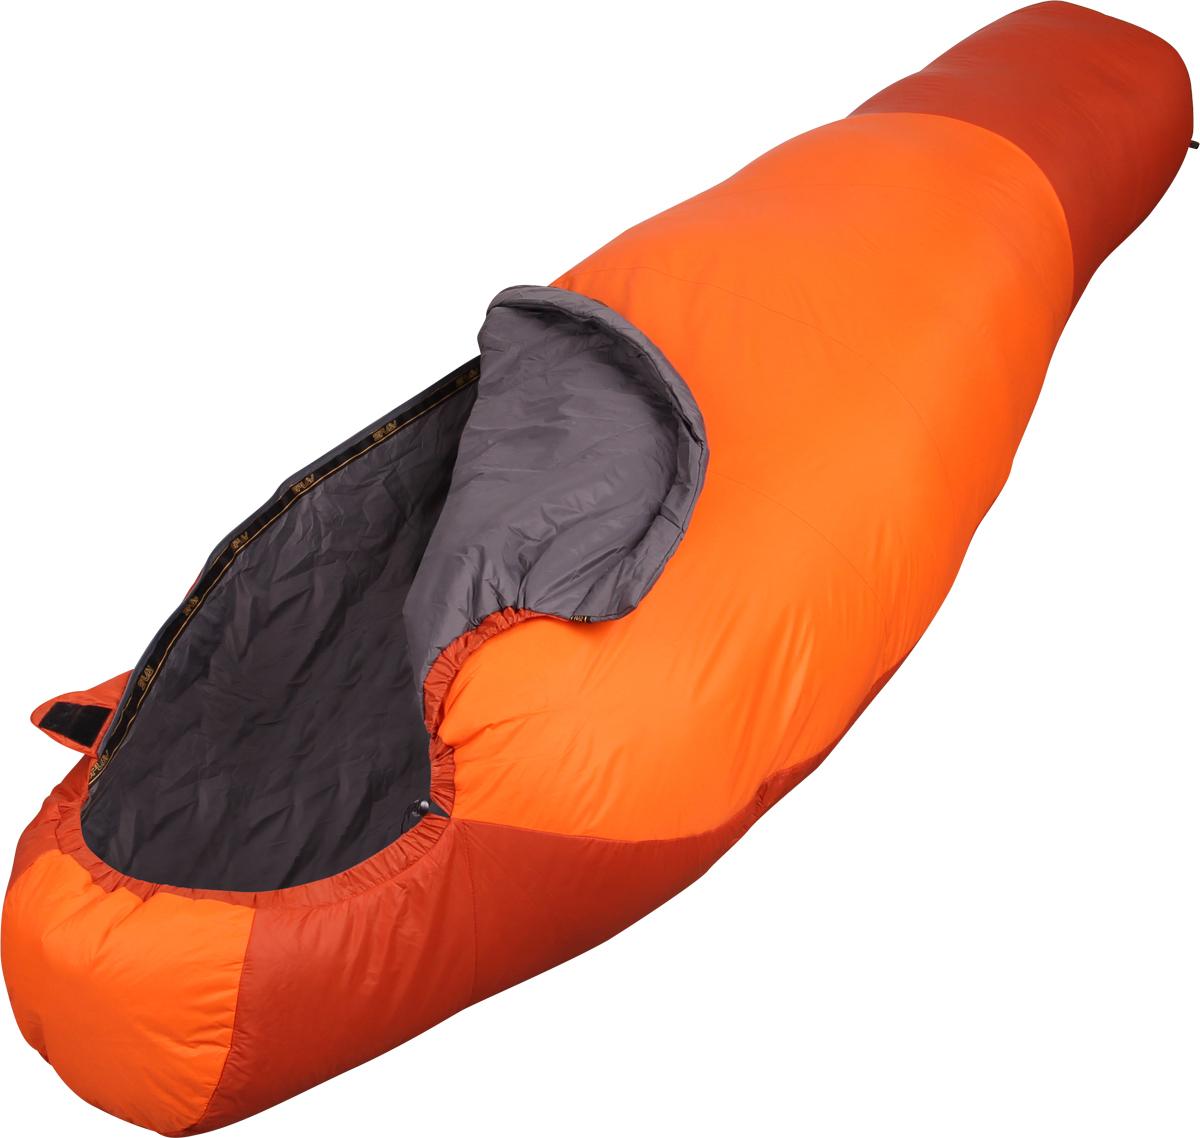 Мешок спальный Сплав Antris 120, левосторонняя молния, цвет: оранжевый, 175 x 75 x 45 см